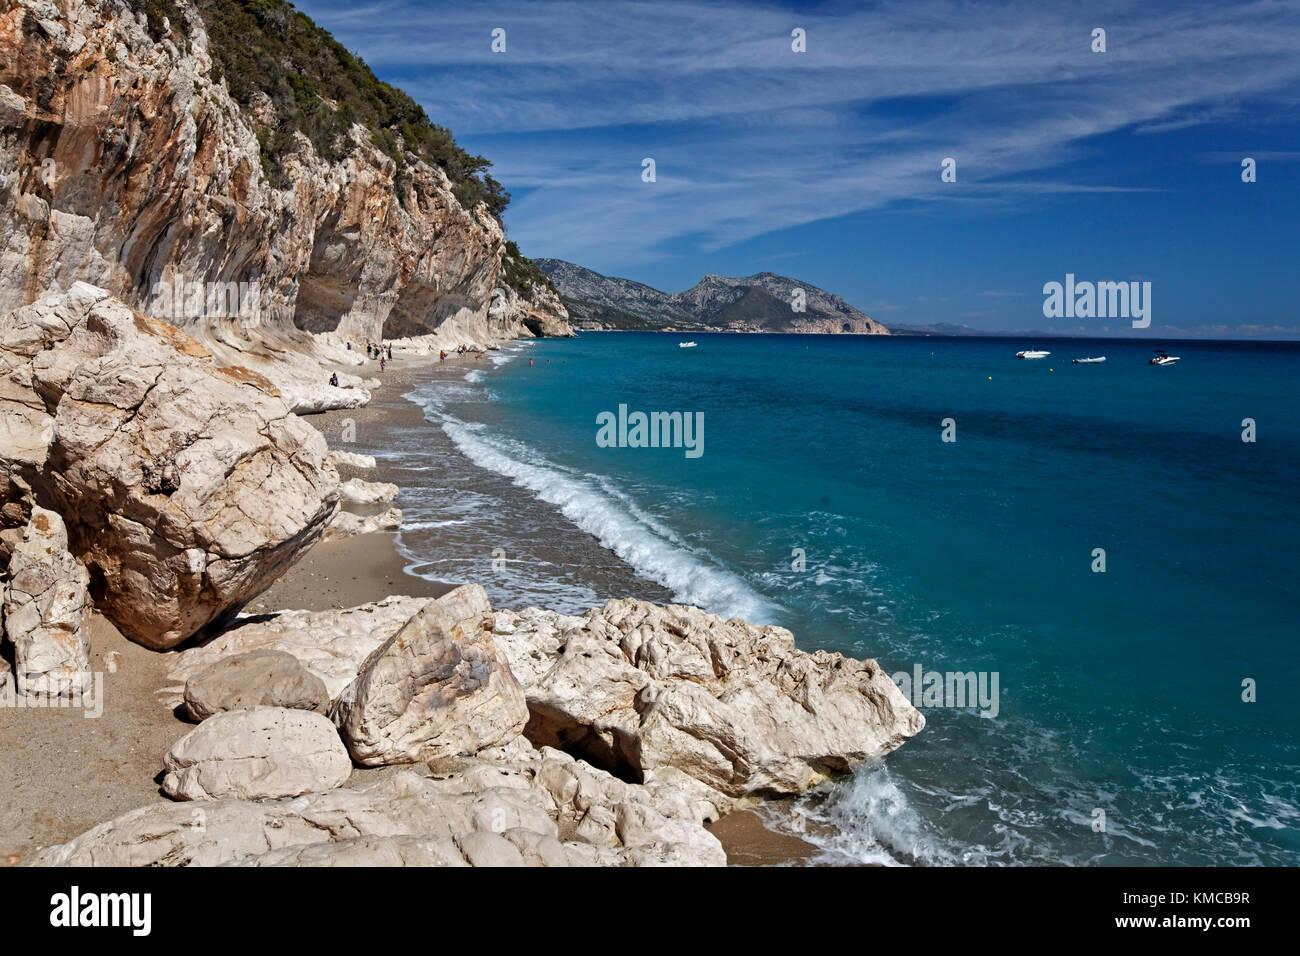 Cala di Luna Italy Sardinia - Stock Image